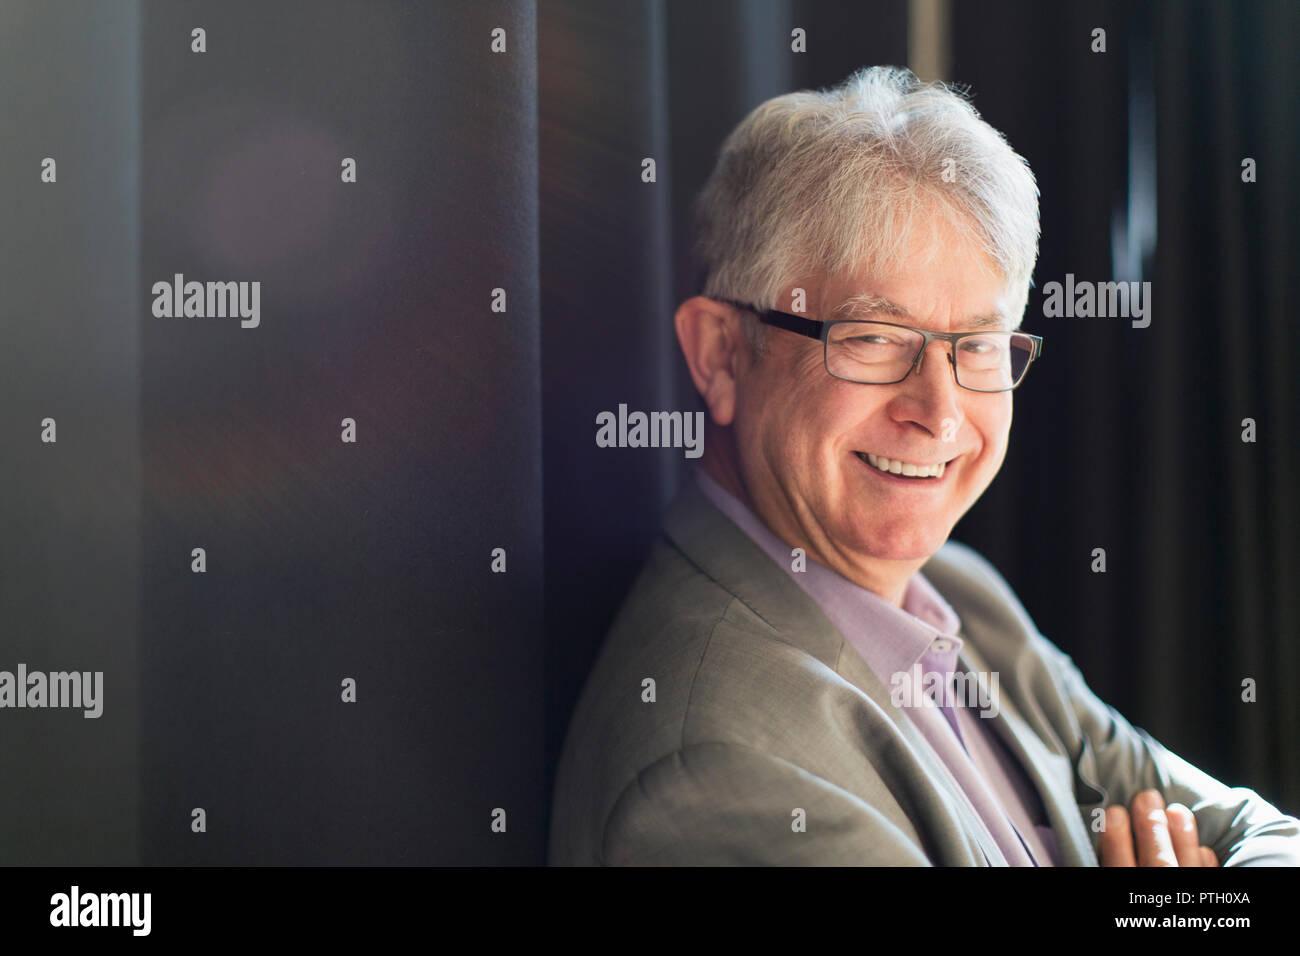 Porträt Lächeln, zuversichtlich Active Senior Geschäftsmann Stockbild